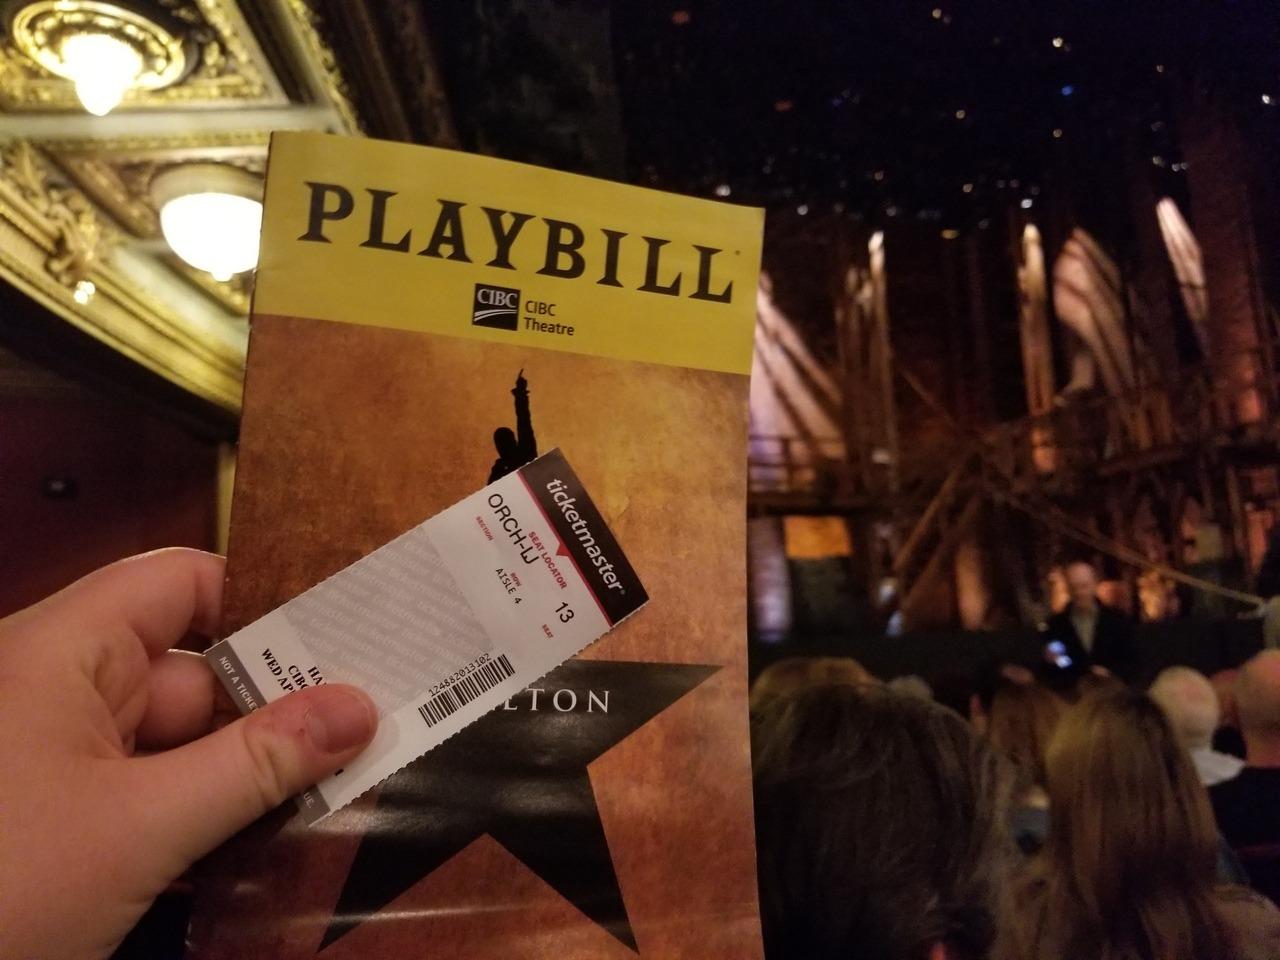 Hamilton orchestra seats in Chicago | Photo courtesy of theatrenibbles.com